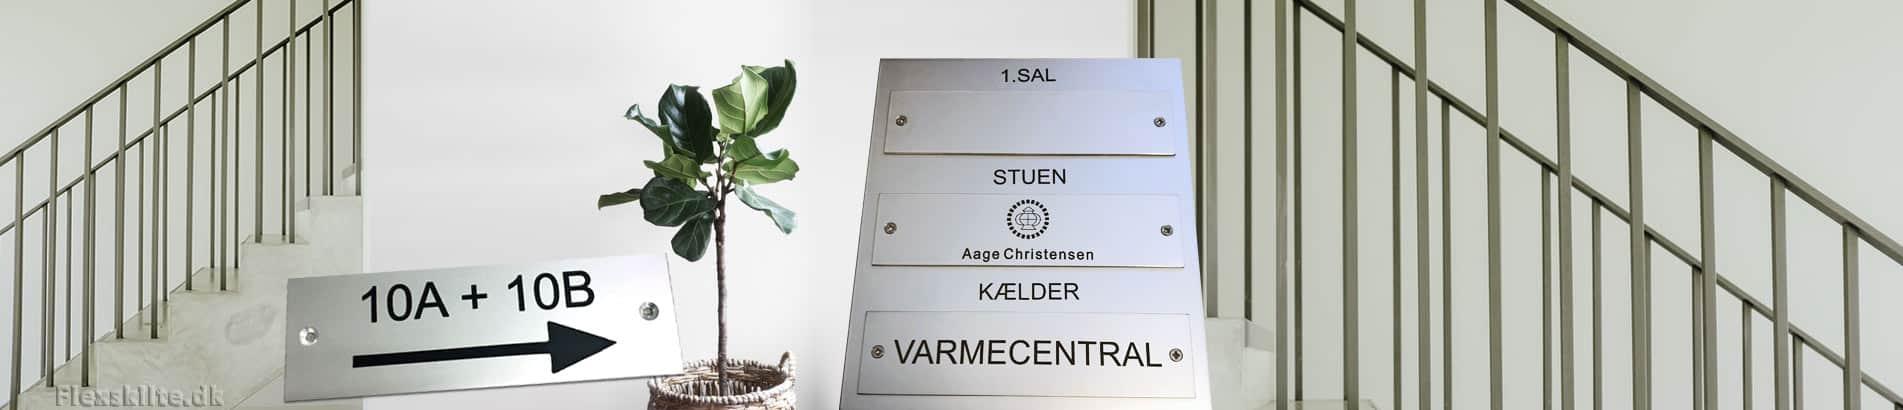 Aluminium skilte til privat hus, hoteller, erhverv